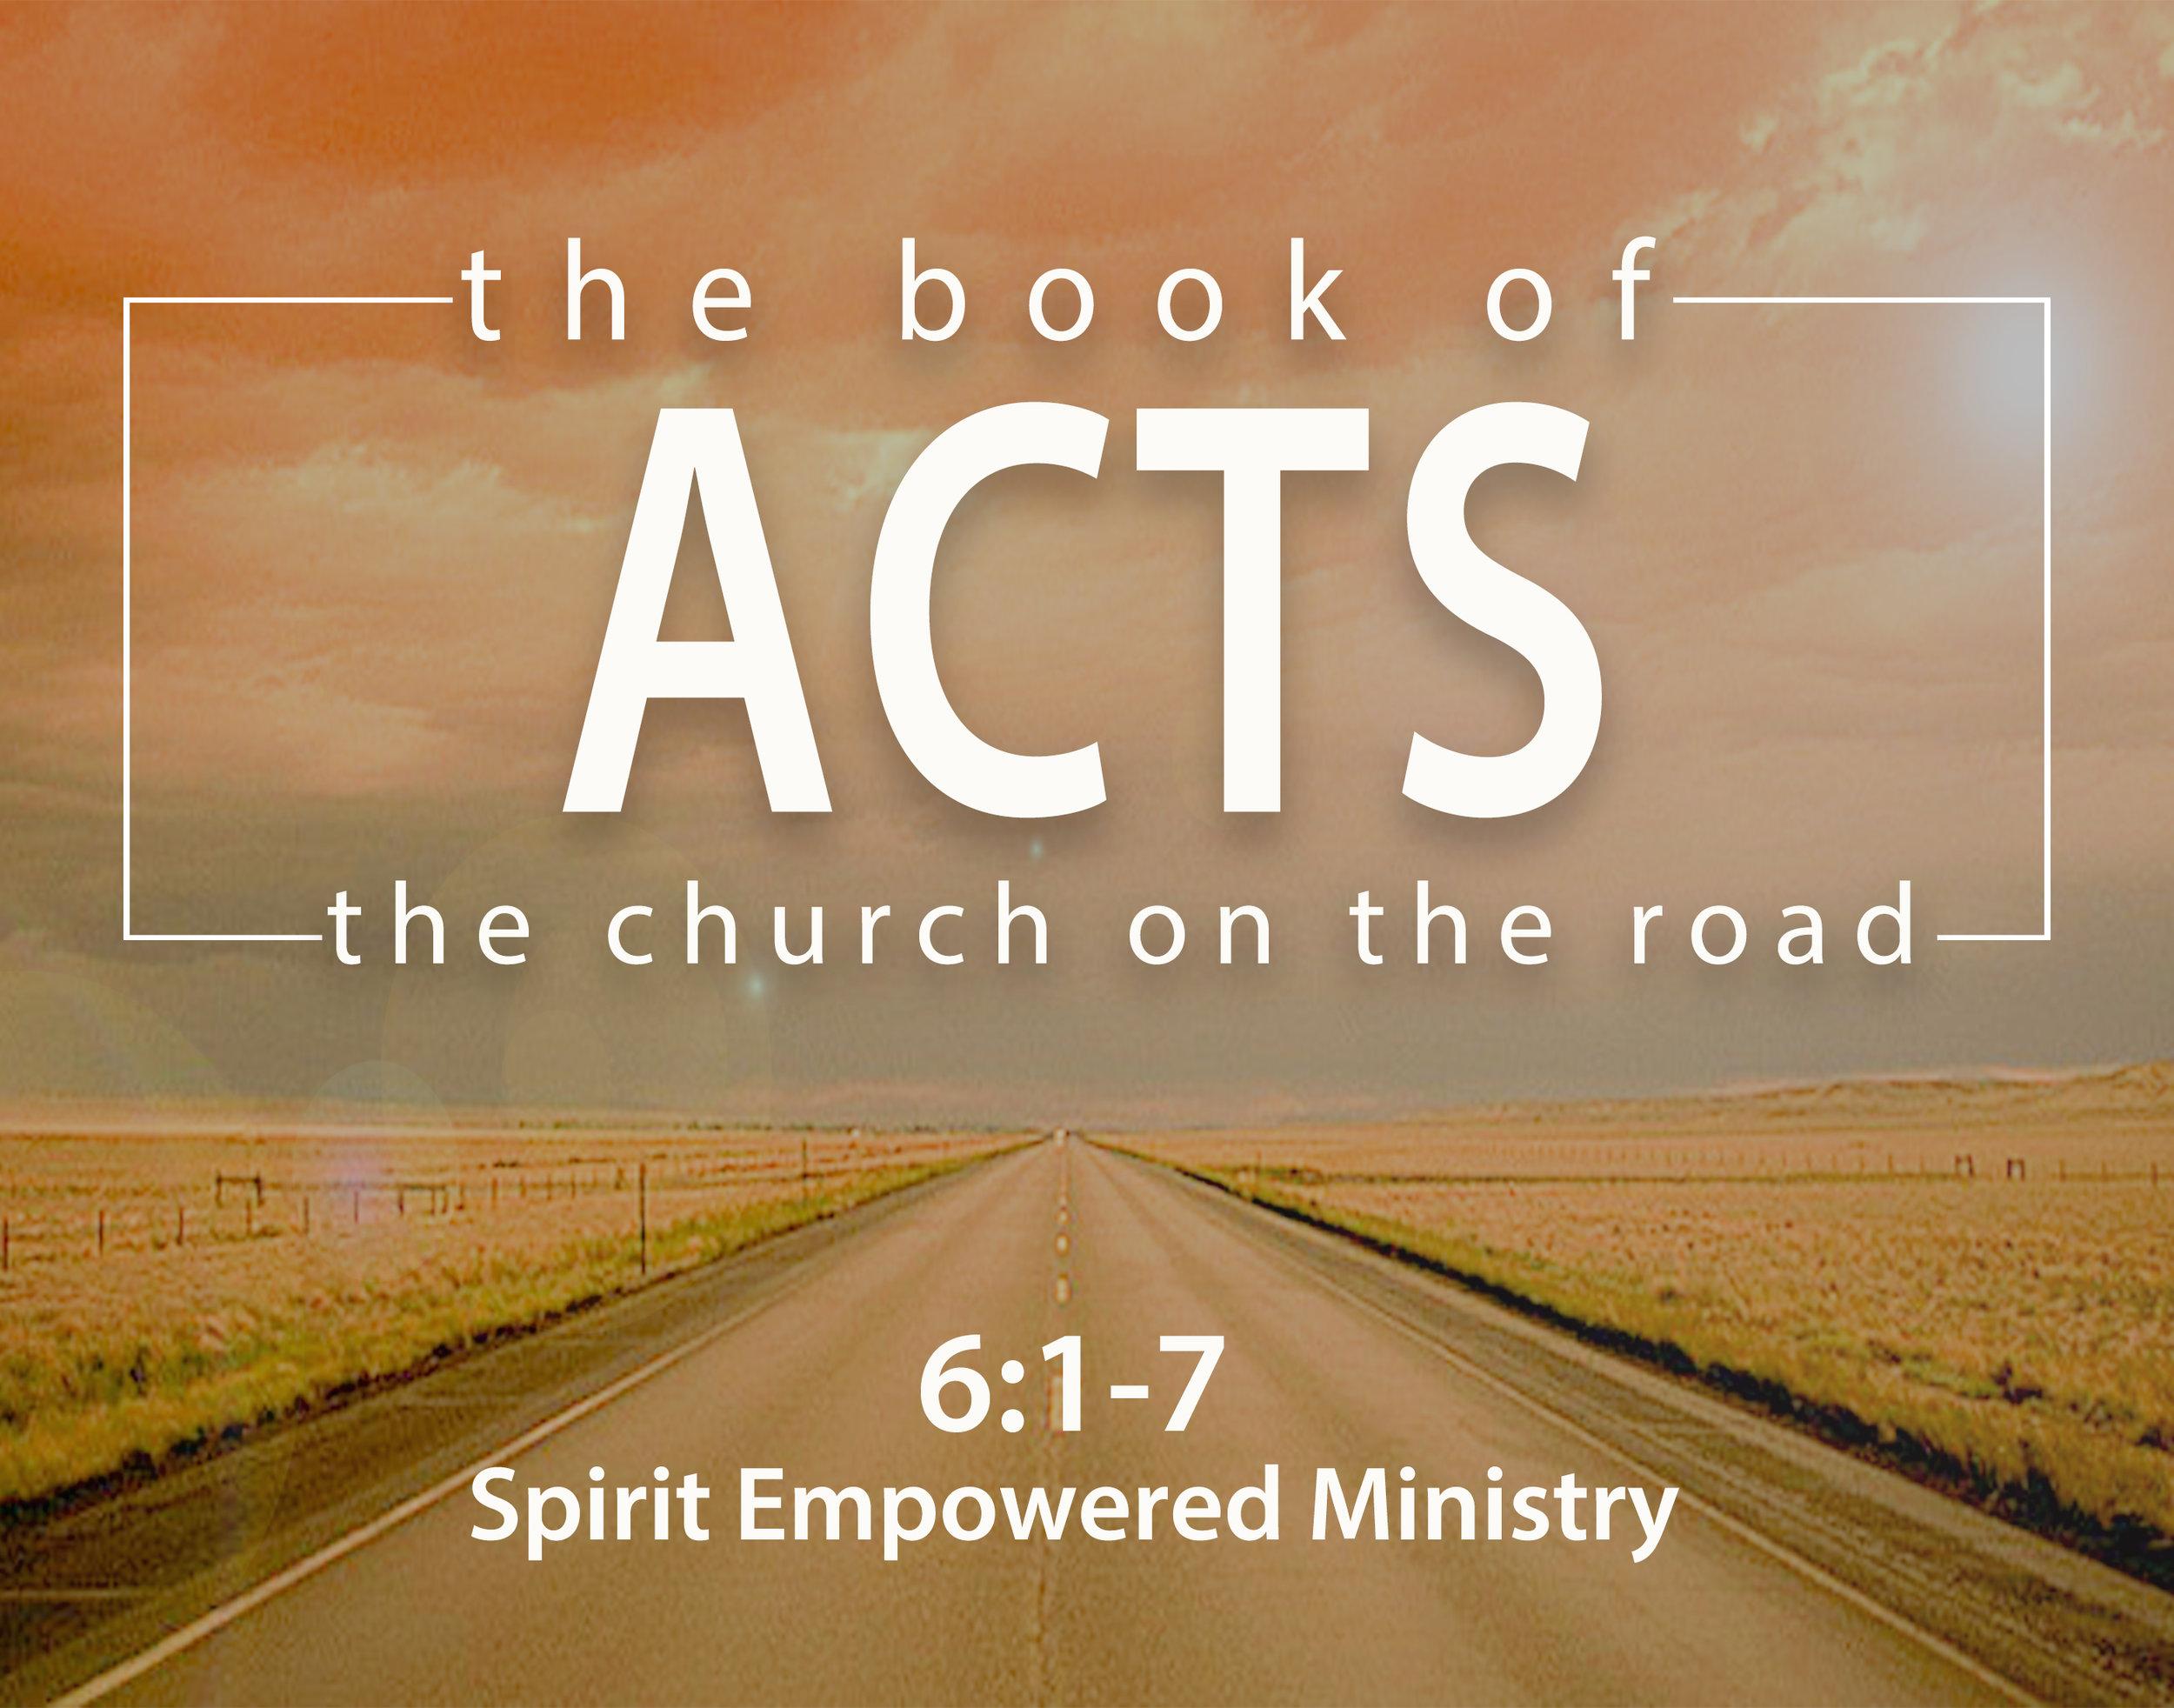 11Spirit Empowered Ministry.jpg